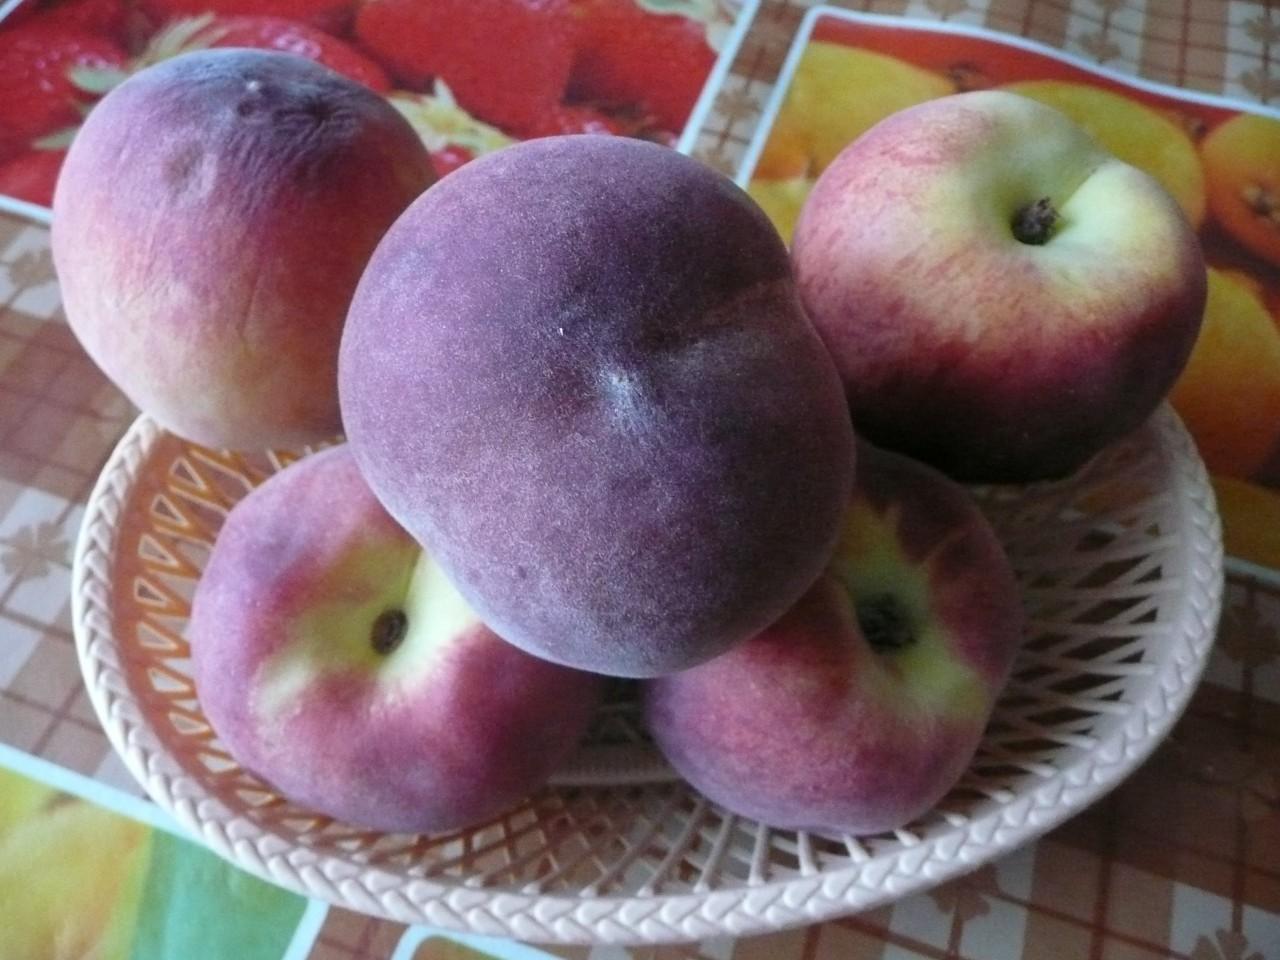 Польза персиков, Персики польза и вред для здоровья, Сорта персиков, Персики для похудения,